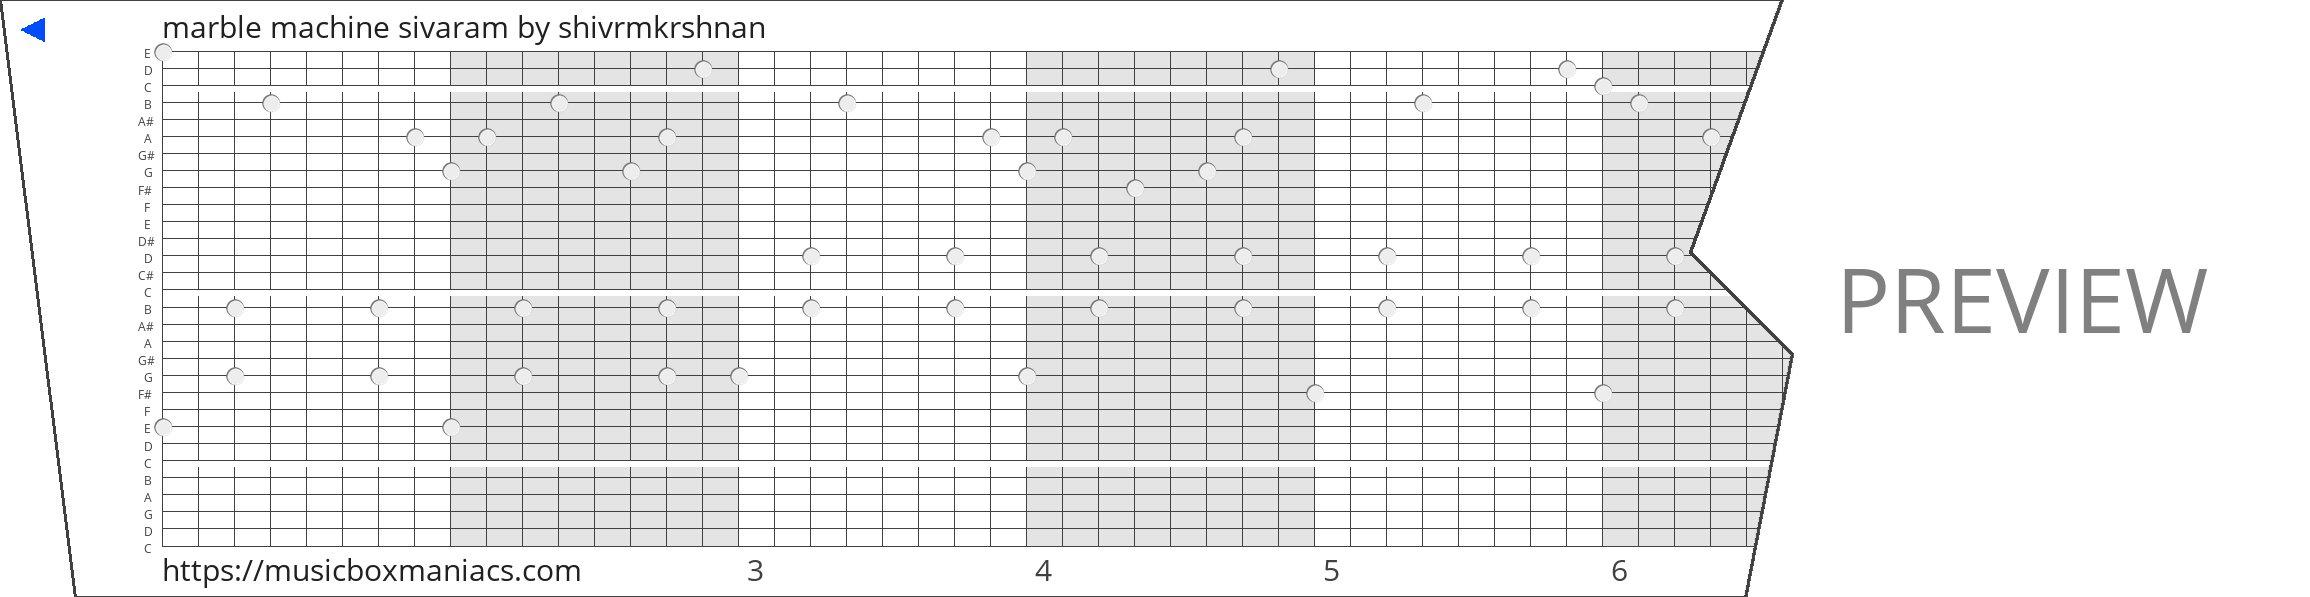 marble machine sivaram 30 note music box paper strip